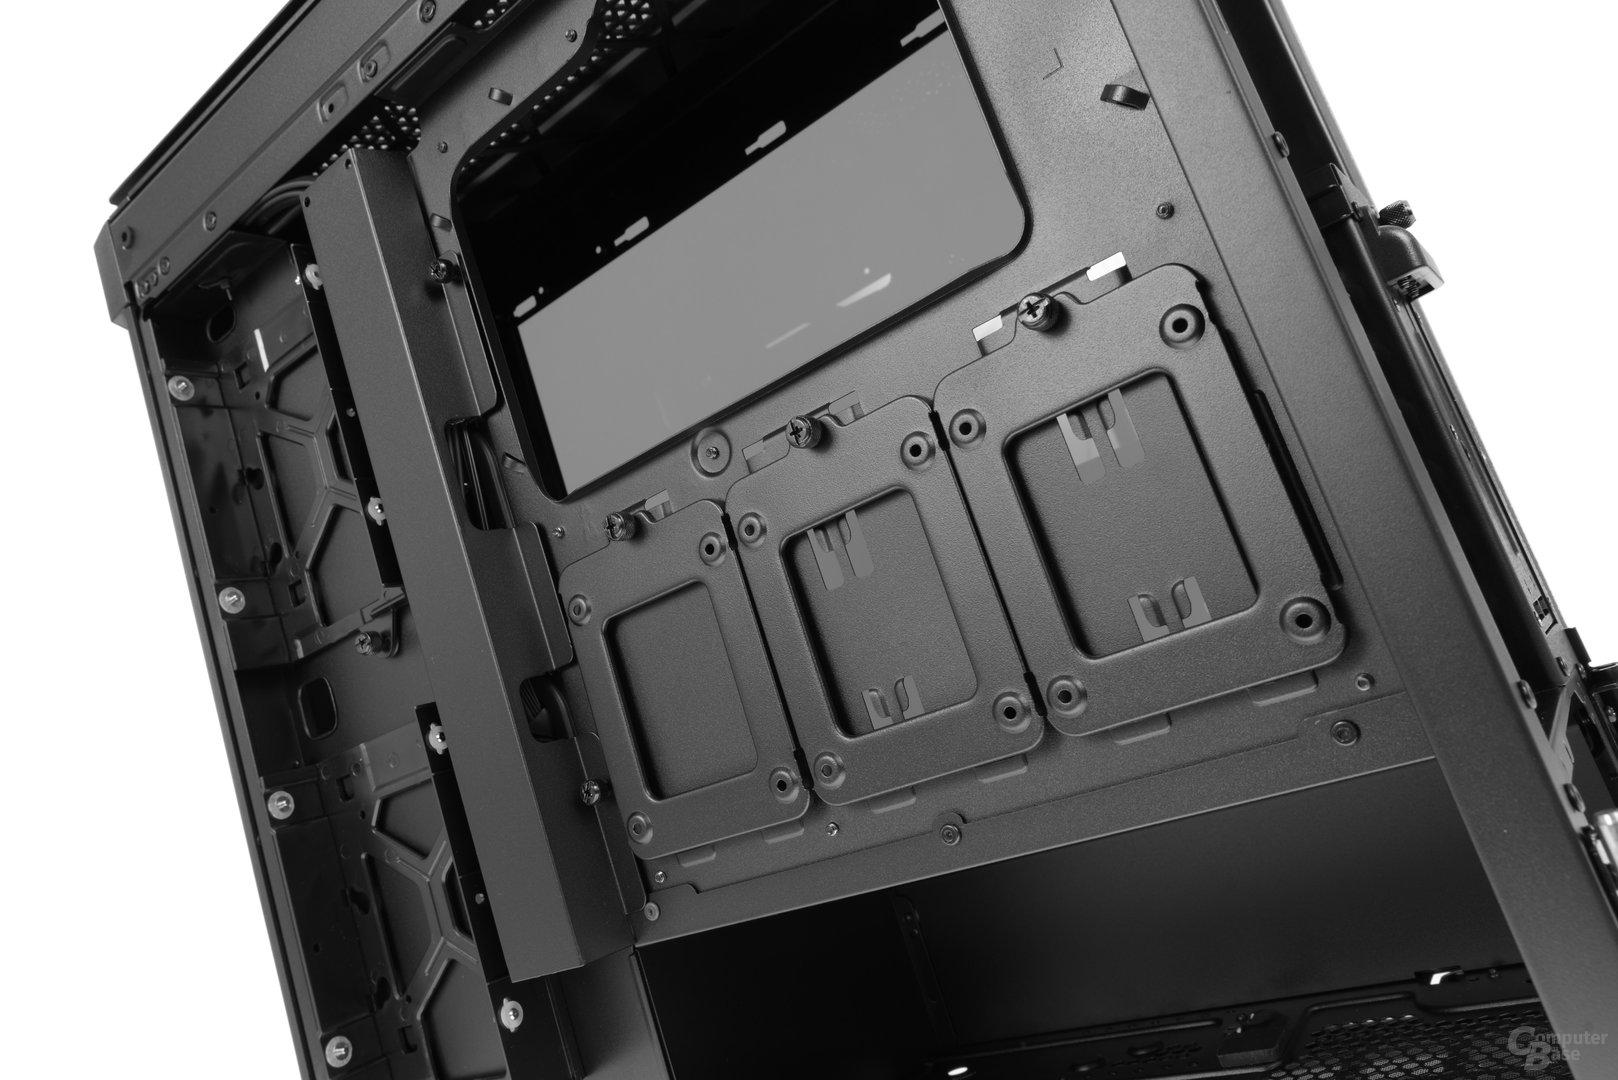 Corsair Obsidian 500D – An der Rückseite des Mainboardtrays befindet sich der Festplattenstaurraum